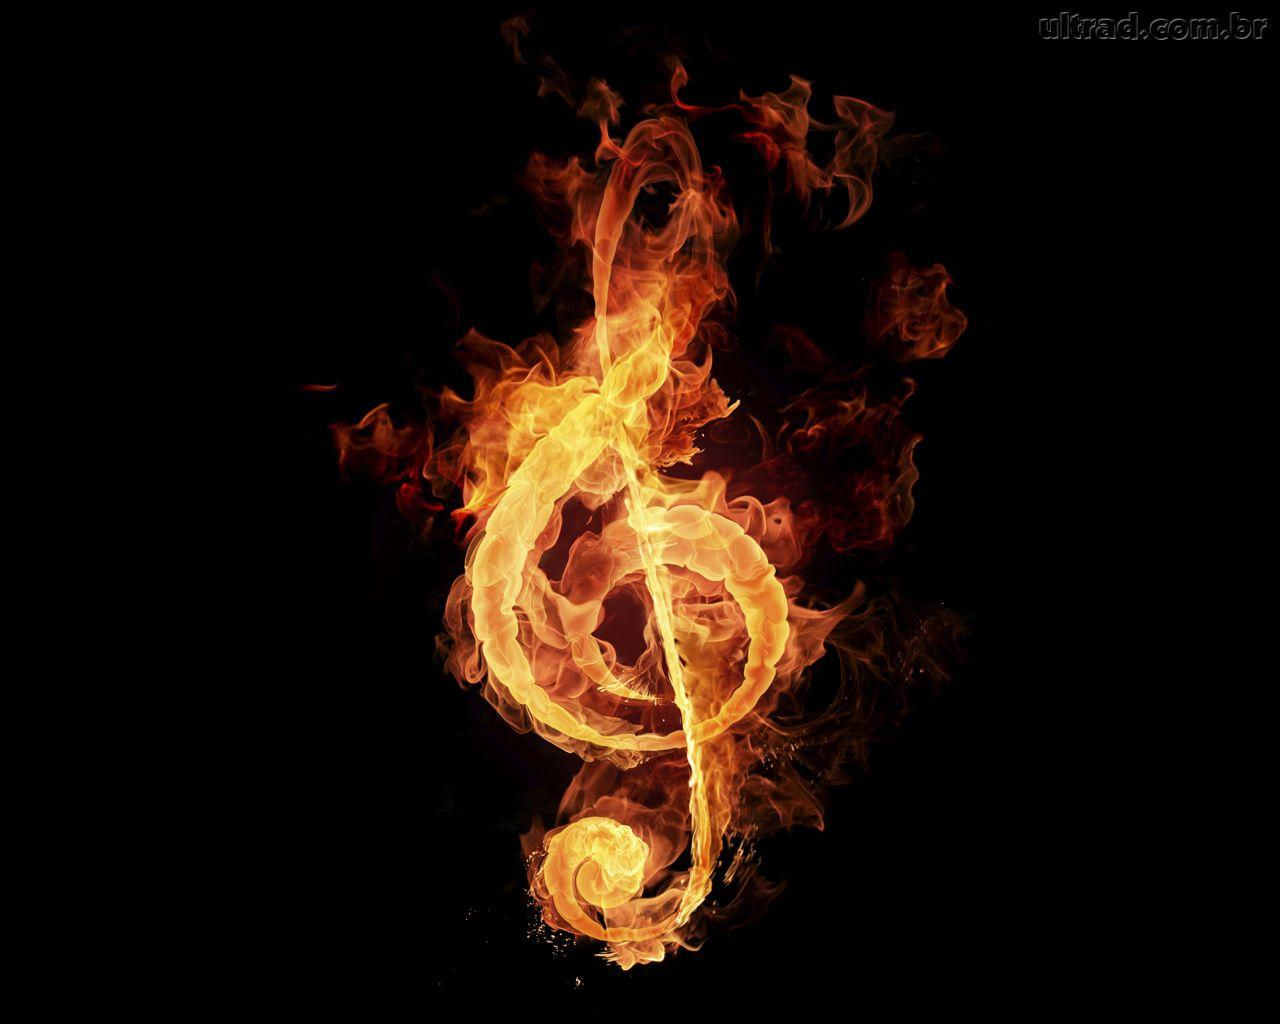 http://1.bp.blogspot.com/-AGSznEIT7_M/Tk7m2GcEmPI/AAAAAAAAALI/XLgyC9H6ef0/s1600/Clave+de+sol+de+fuego.jpg